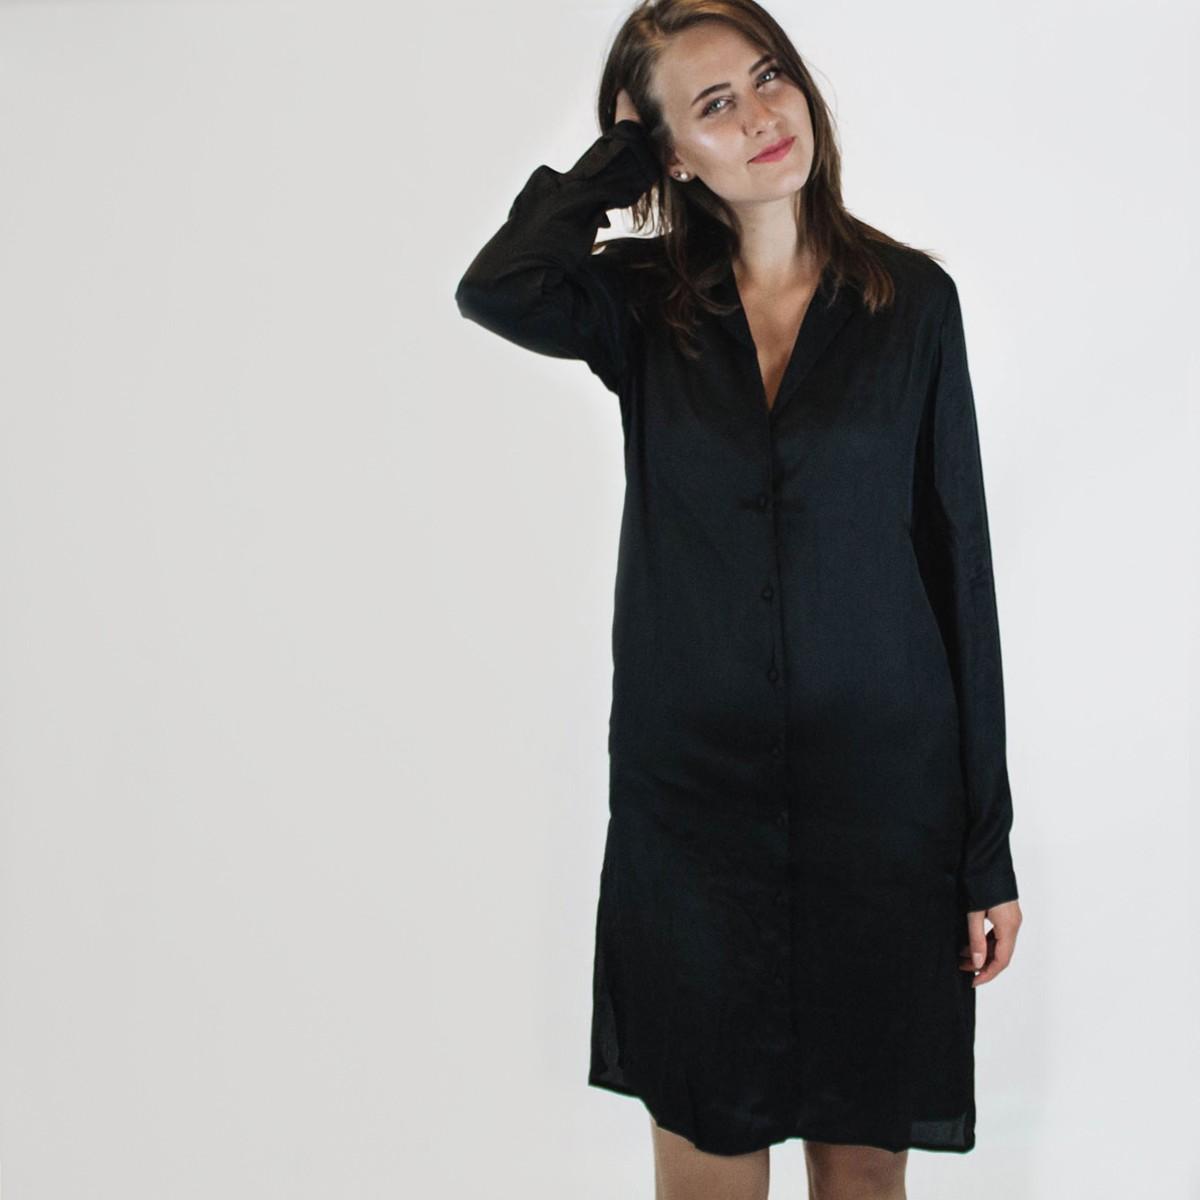 390889b7cee Černé košilové šaty – Vibalint – L